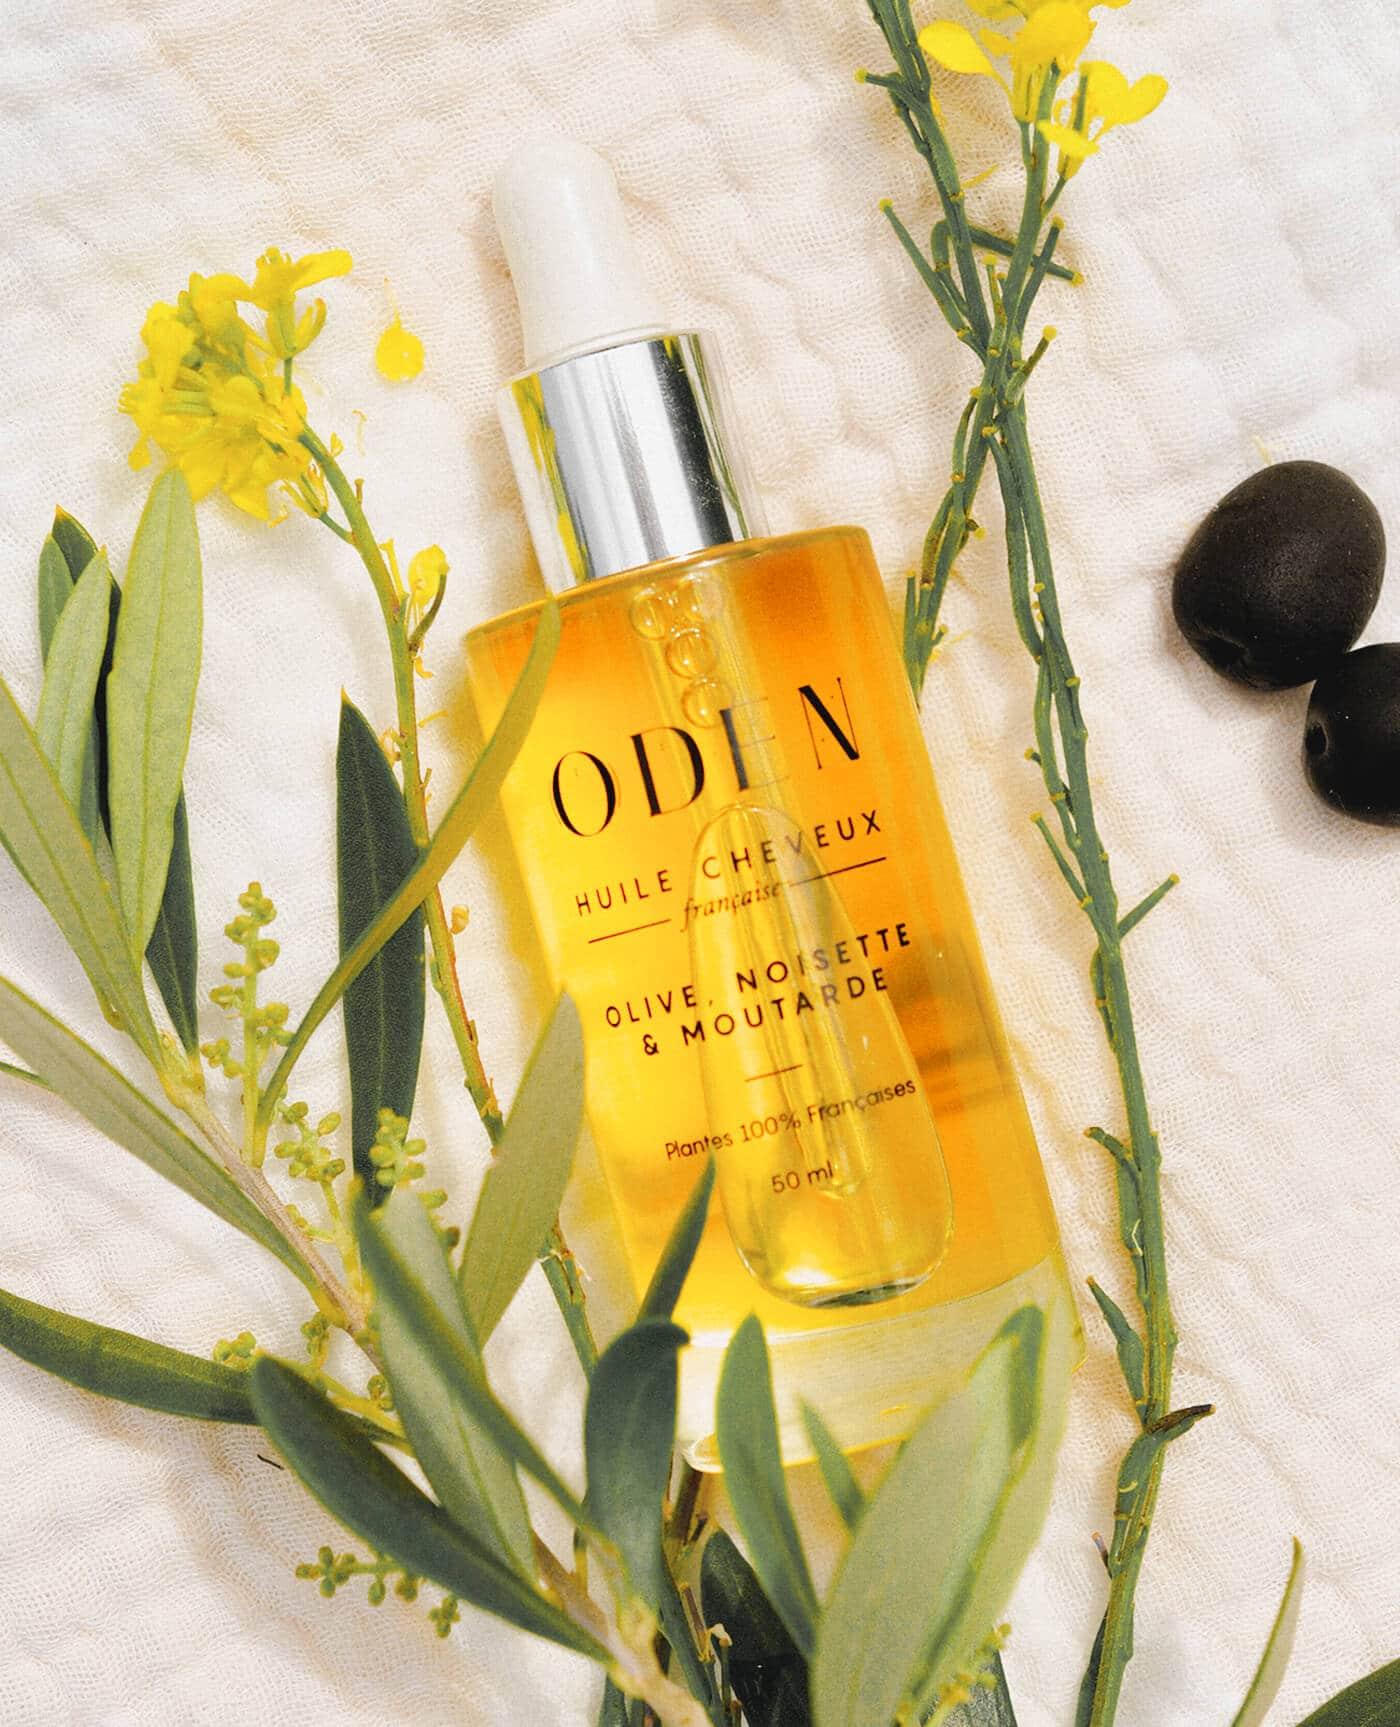 Huile cheveux Oden nourrissante et protectrice à l'huile d'olive, noisette et moutarde de la marque Oden